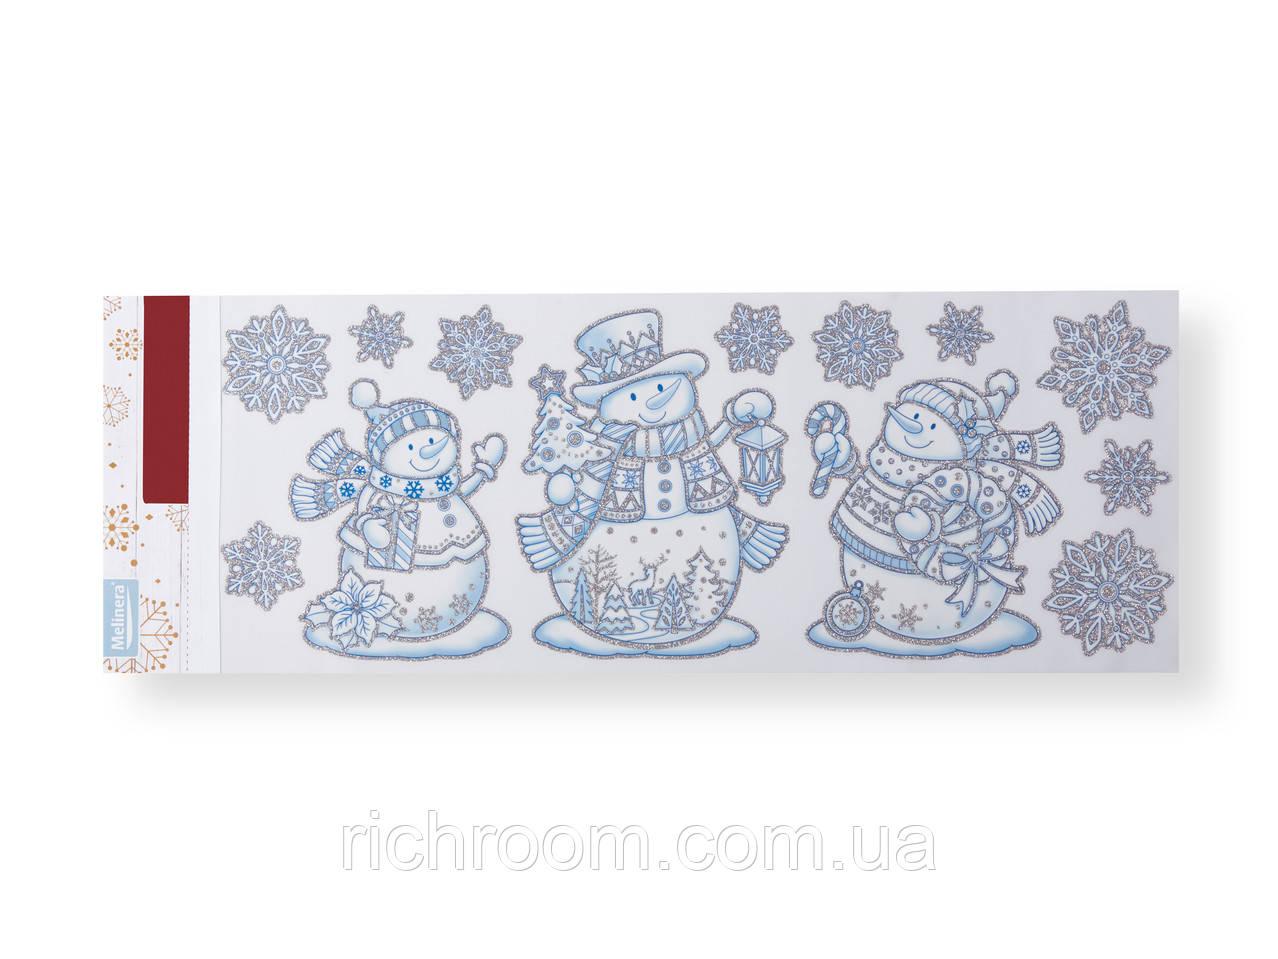 """Набор новогодних наклеек для окон """"Снеговички"""", 13 шт. Melinera, наклейки новогодние 59 х 21 см"""